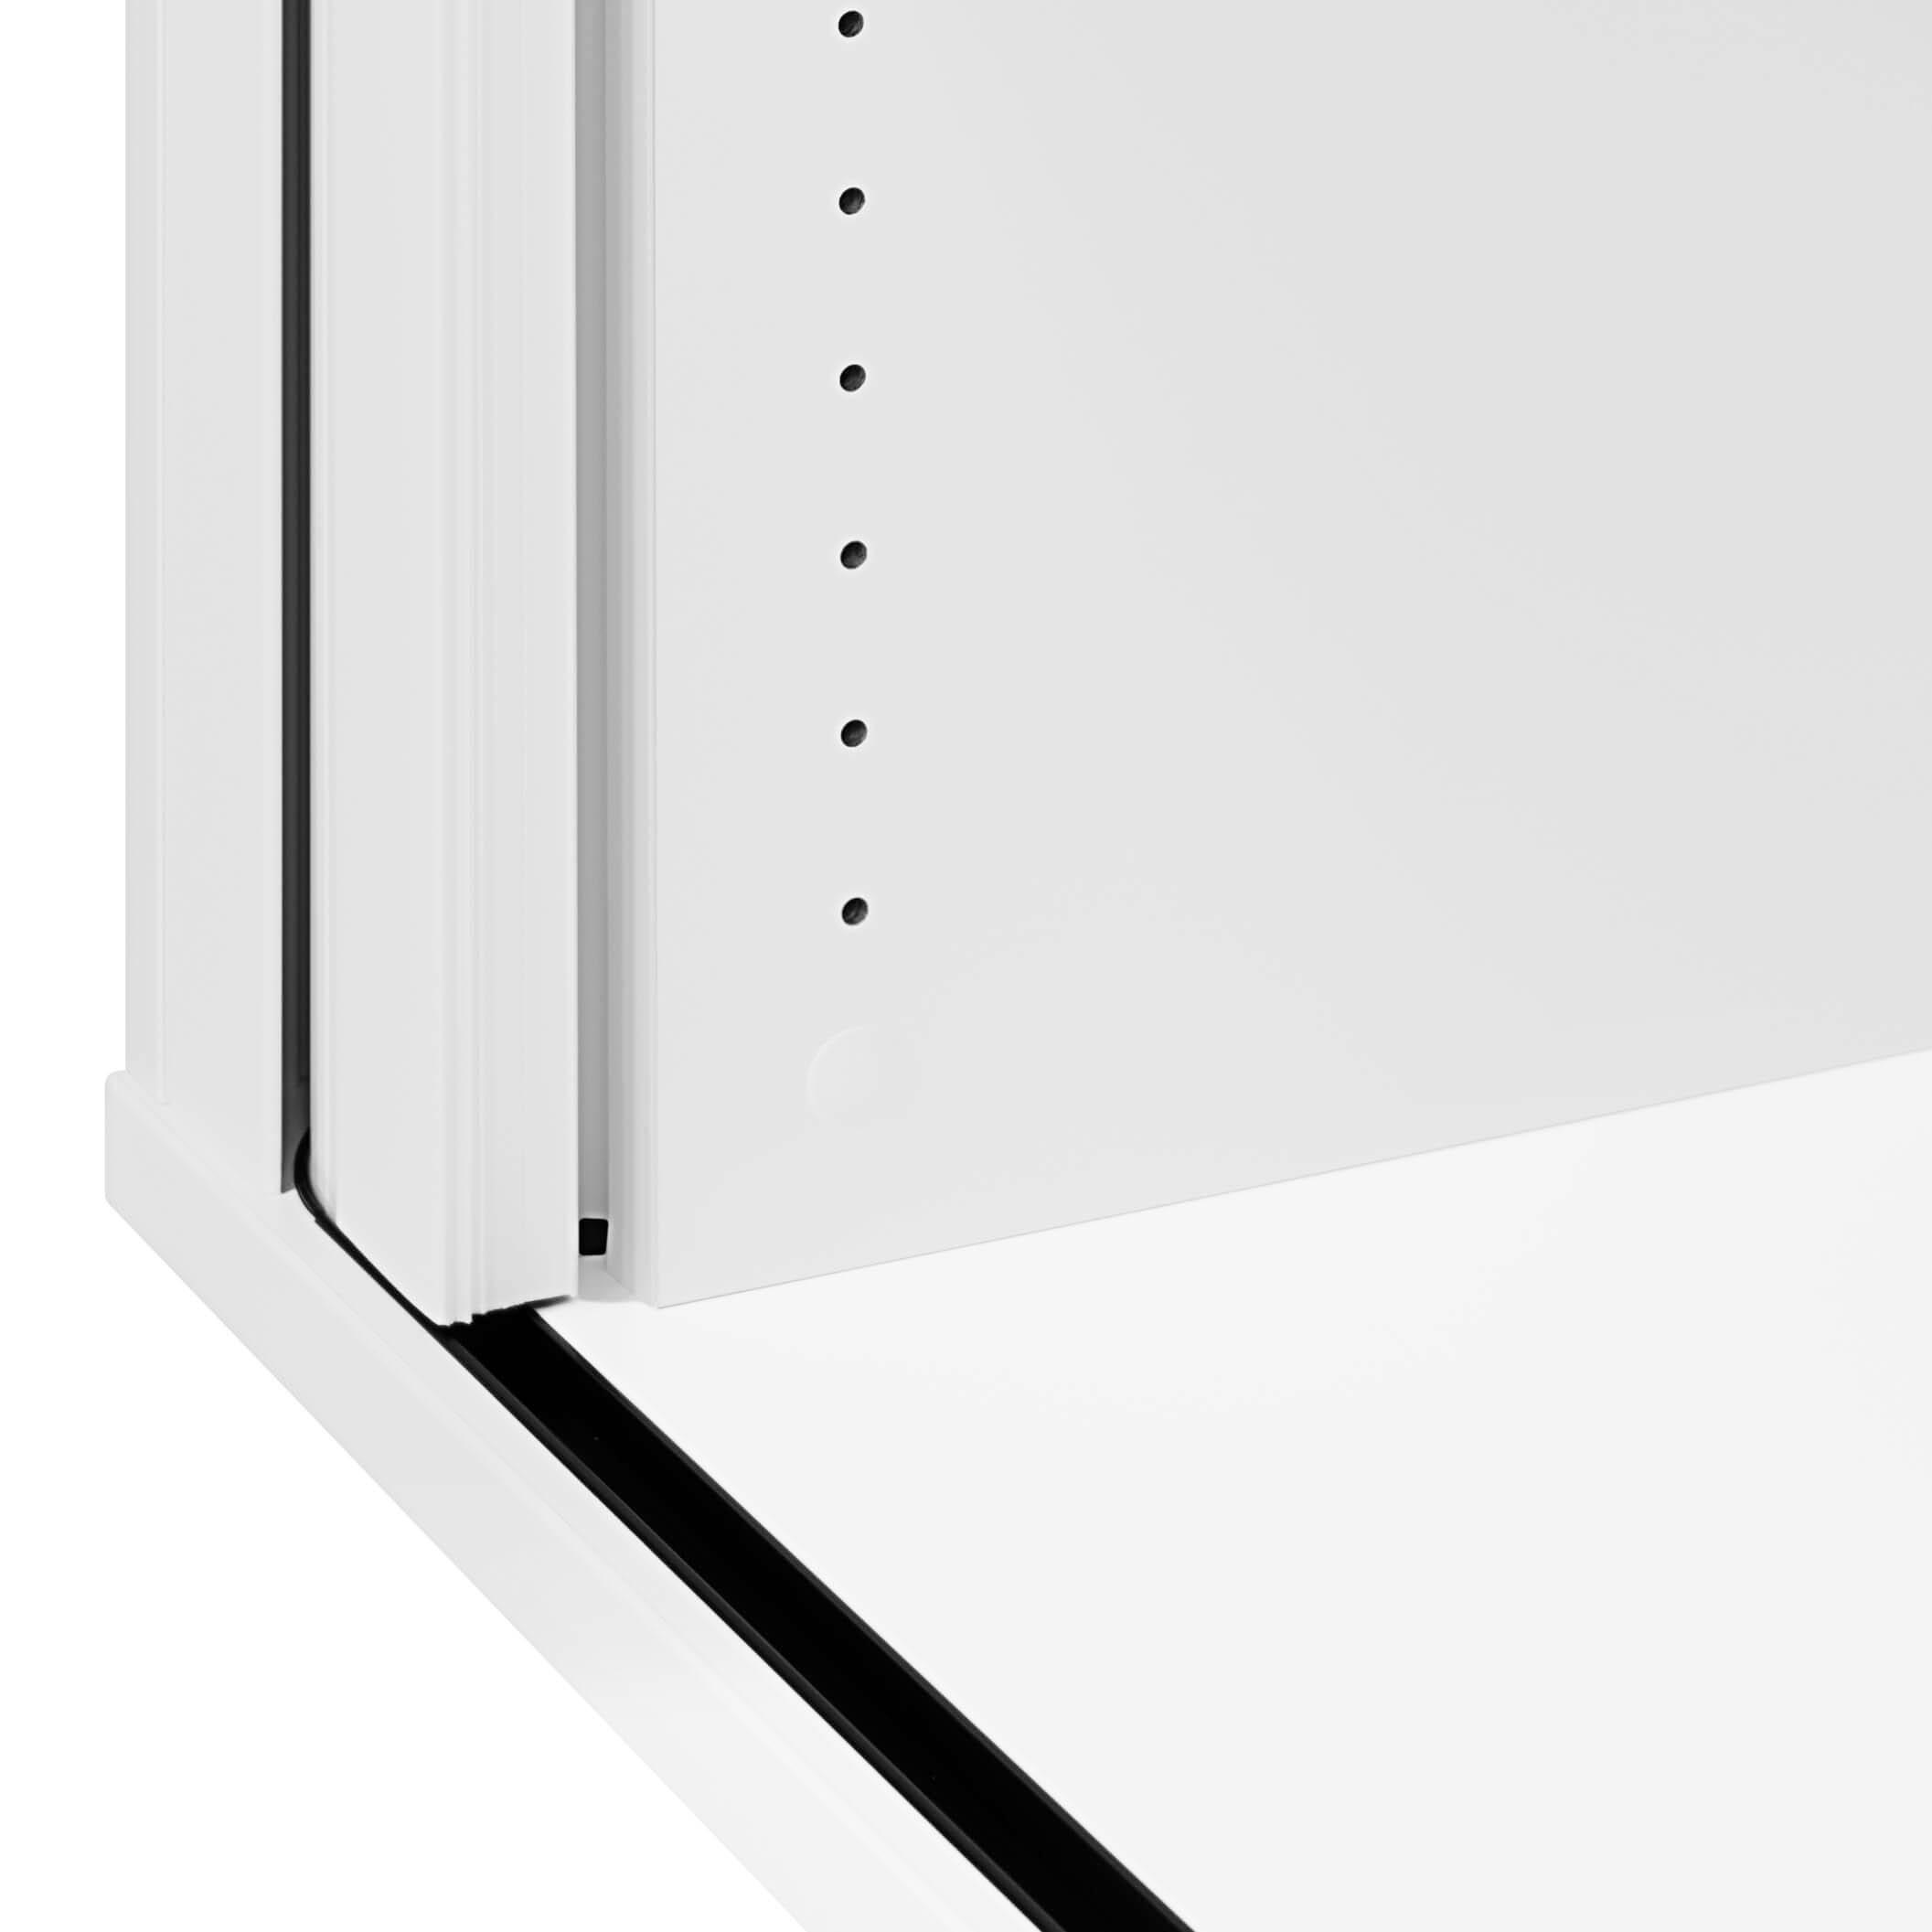 PROFI Jalousieschrank Weiß 2OH Quer-Rollladenschrank Aktenschrank Archivschrank